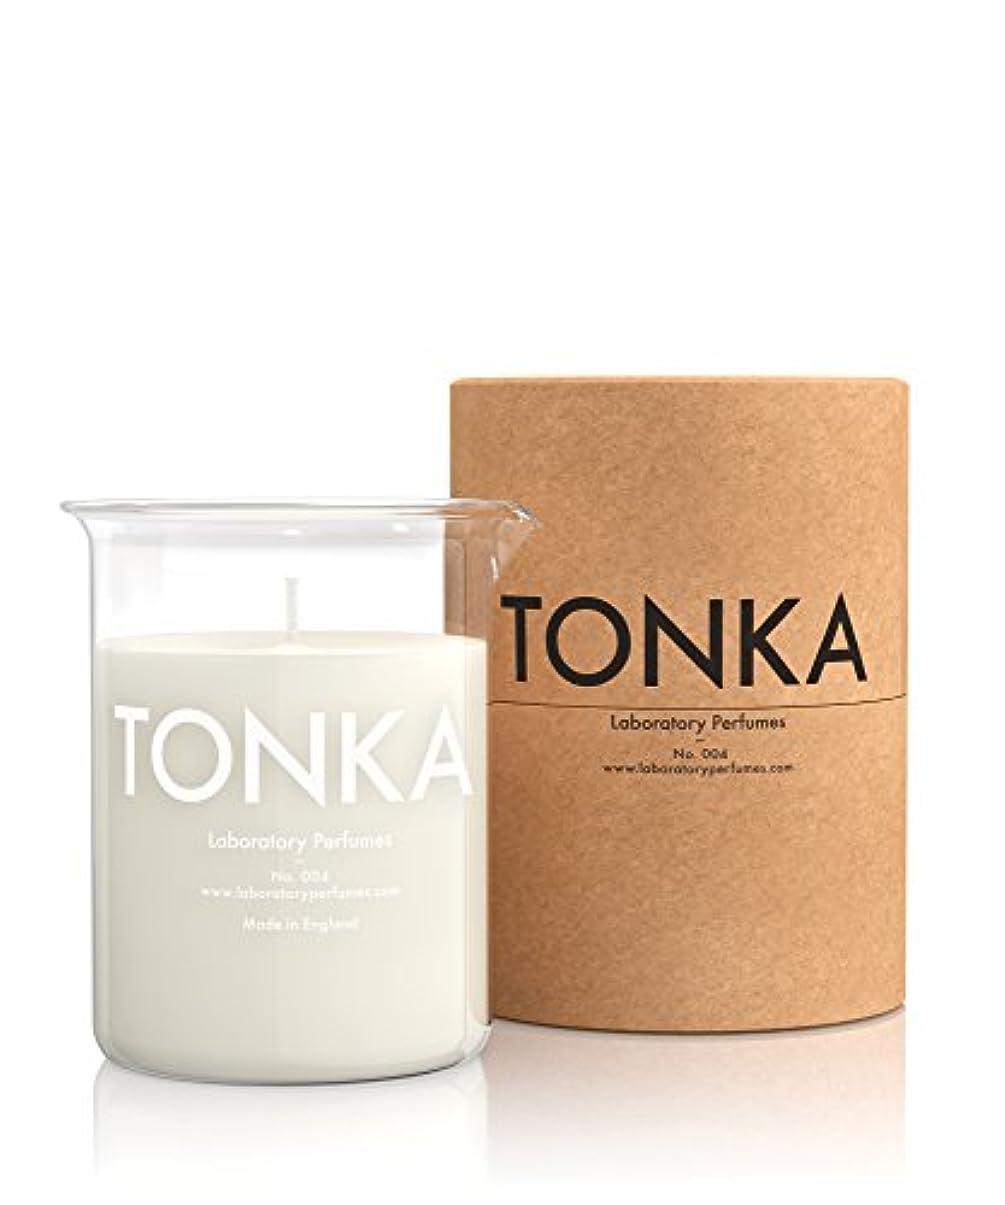 伝える機知に富んだ凝視Labortory Perfumes キャンドル トンカ Tonka (アロマティックオリエンタル Aromatic Oriental) Candle ラボラトリー パフューム